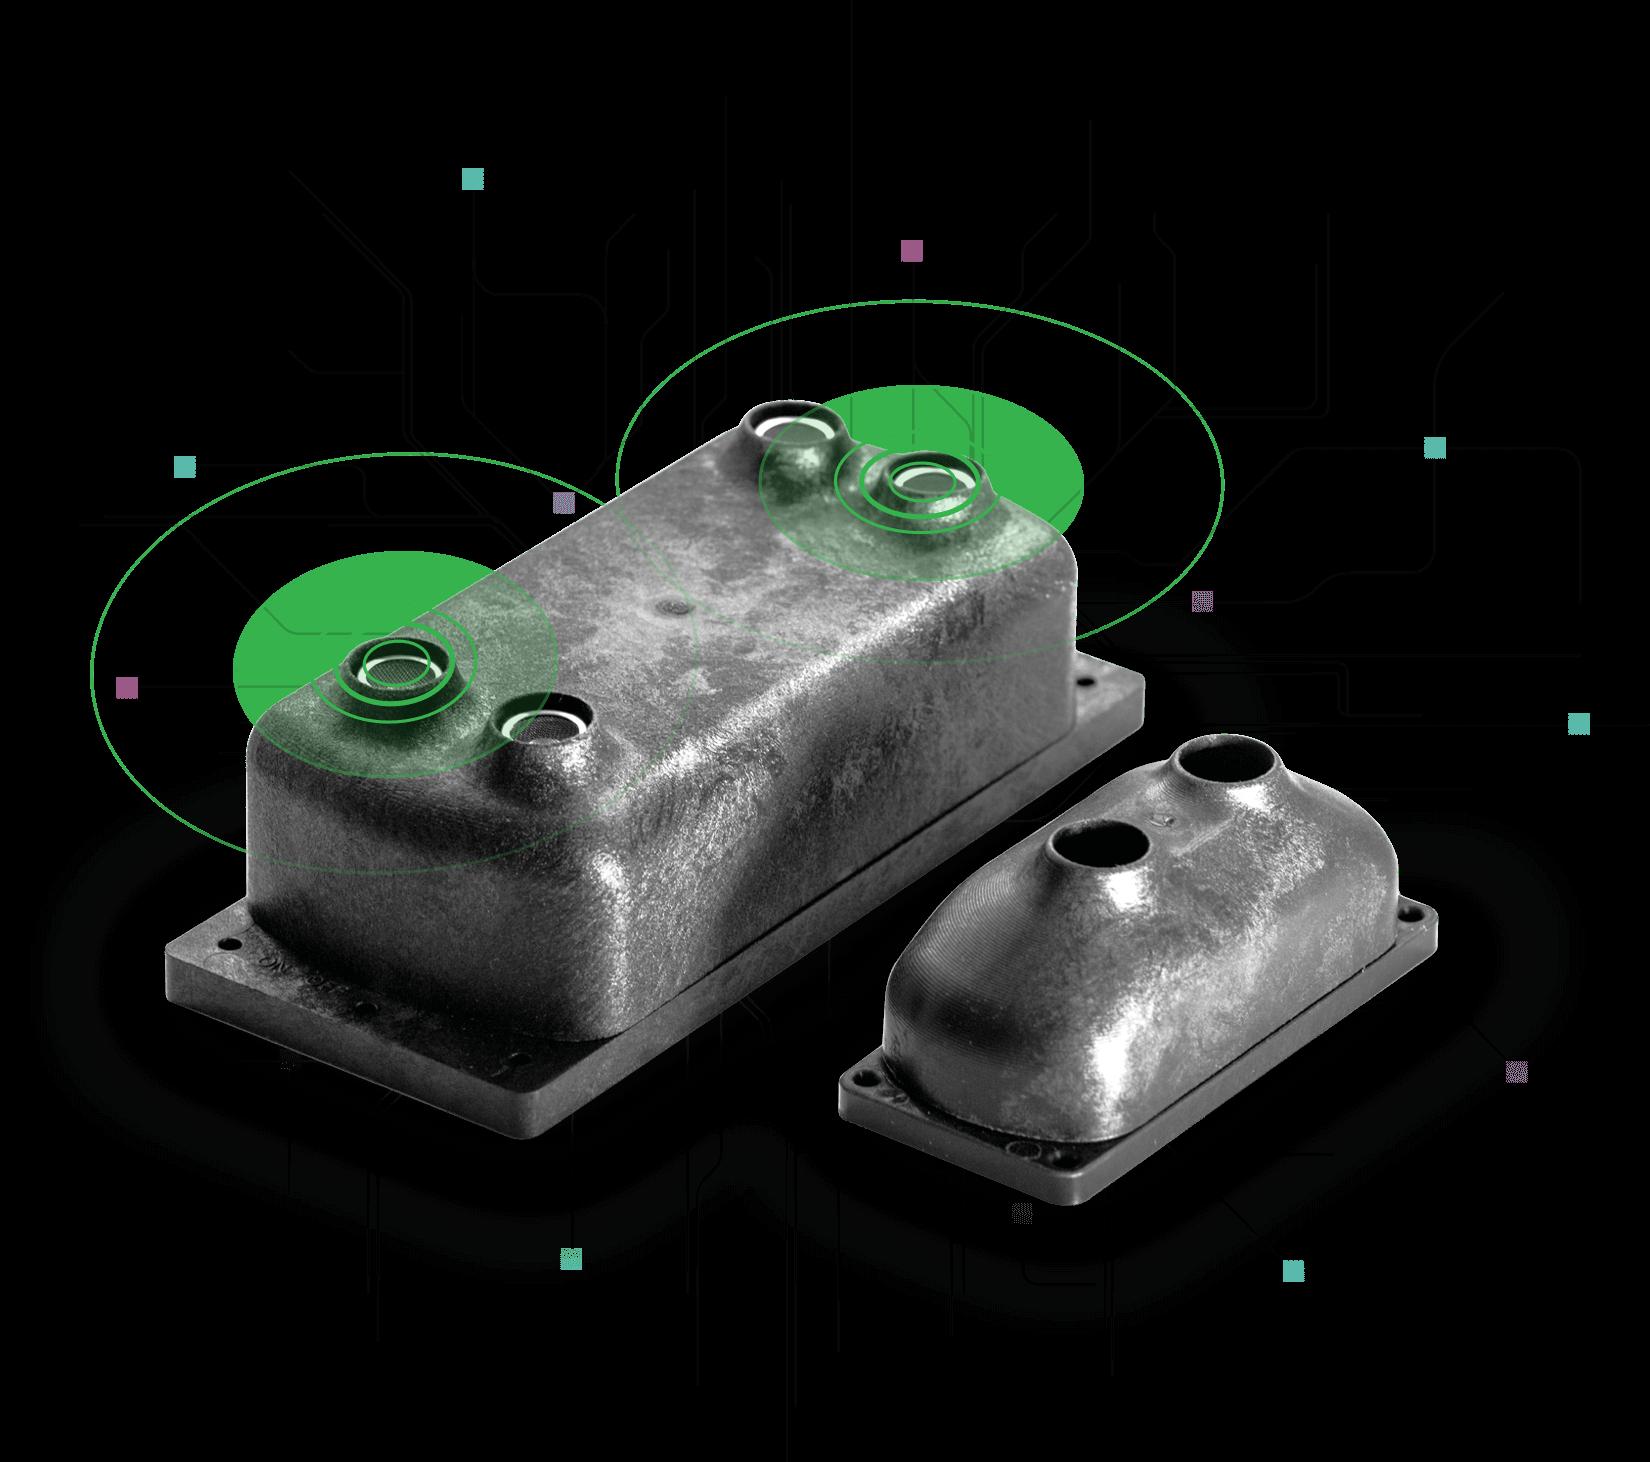 Smarta sensorer - 2 typer av ultraljudssensorer gör det möjligt att övervaka alla typer av avfall i kärl av olika typer och storlekar. De är robusta, vatten- och stötsäkra och kan anslutas till alla nuvarande tillgängliga IoT-nätverk och / eller GMS.Realtidsdata på fyllnadsnivåer i kärl